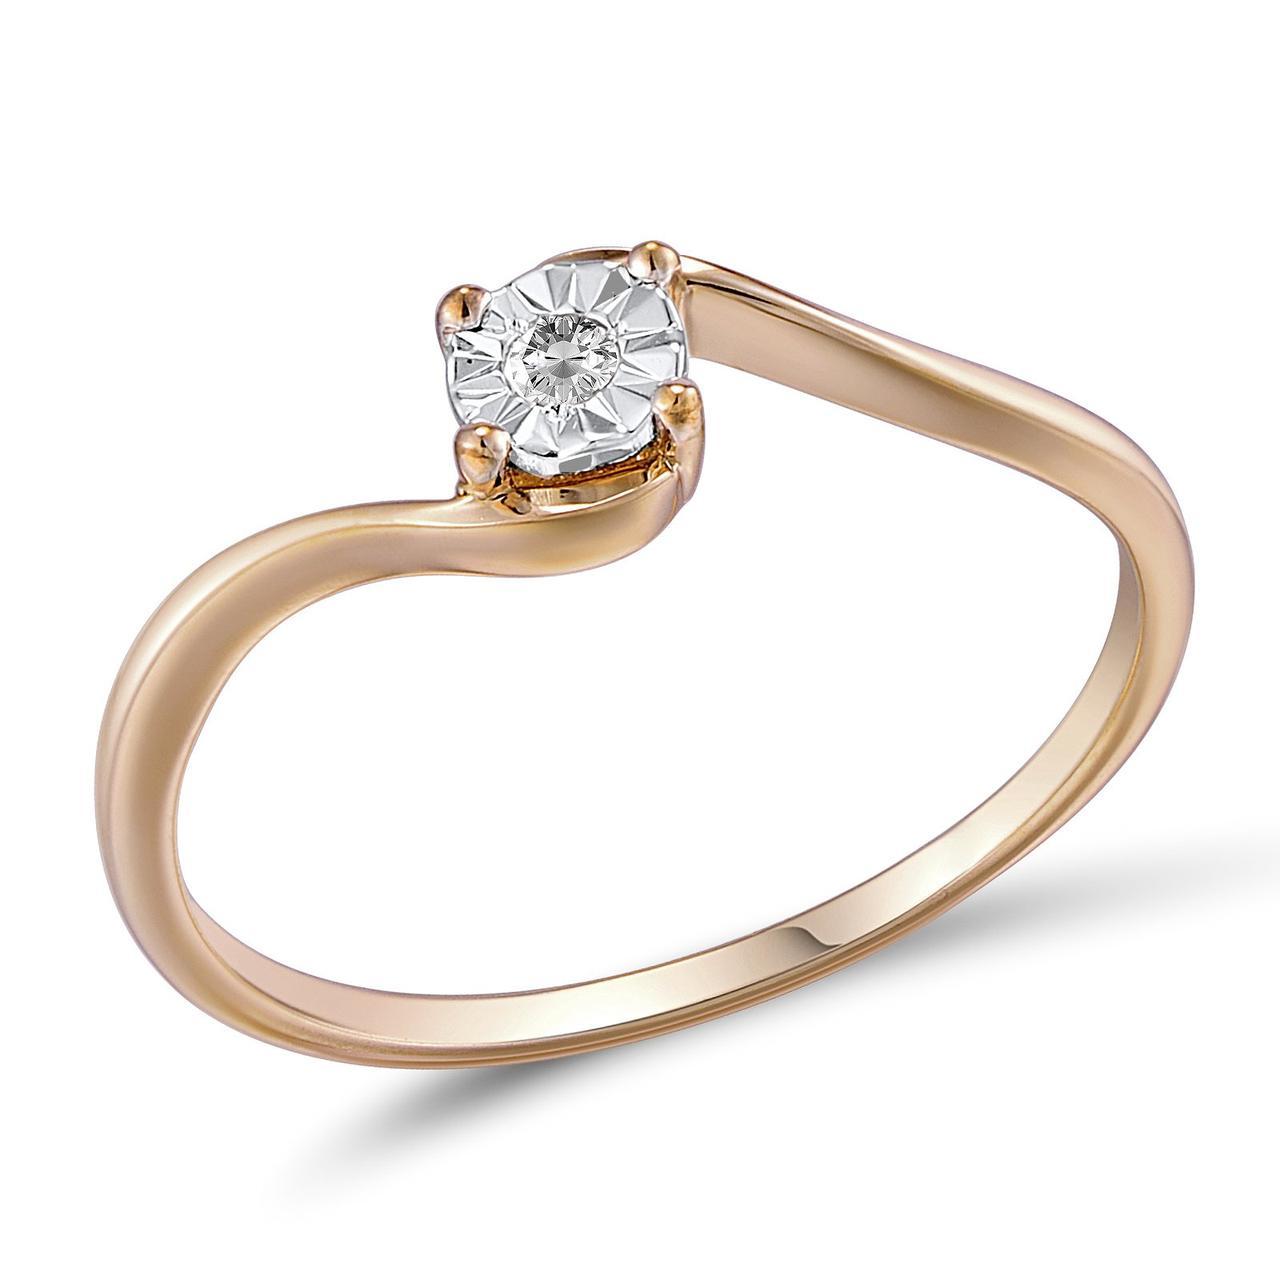 Золотое кольцо с бриллиантом, размер 16.5 (210719)